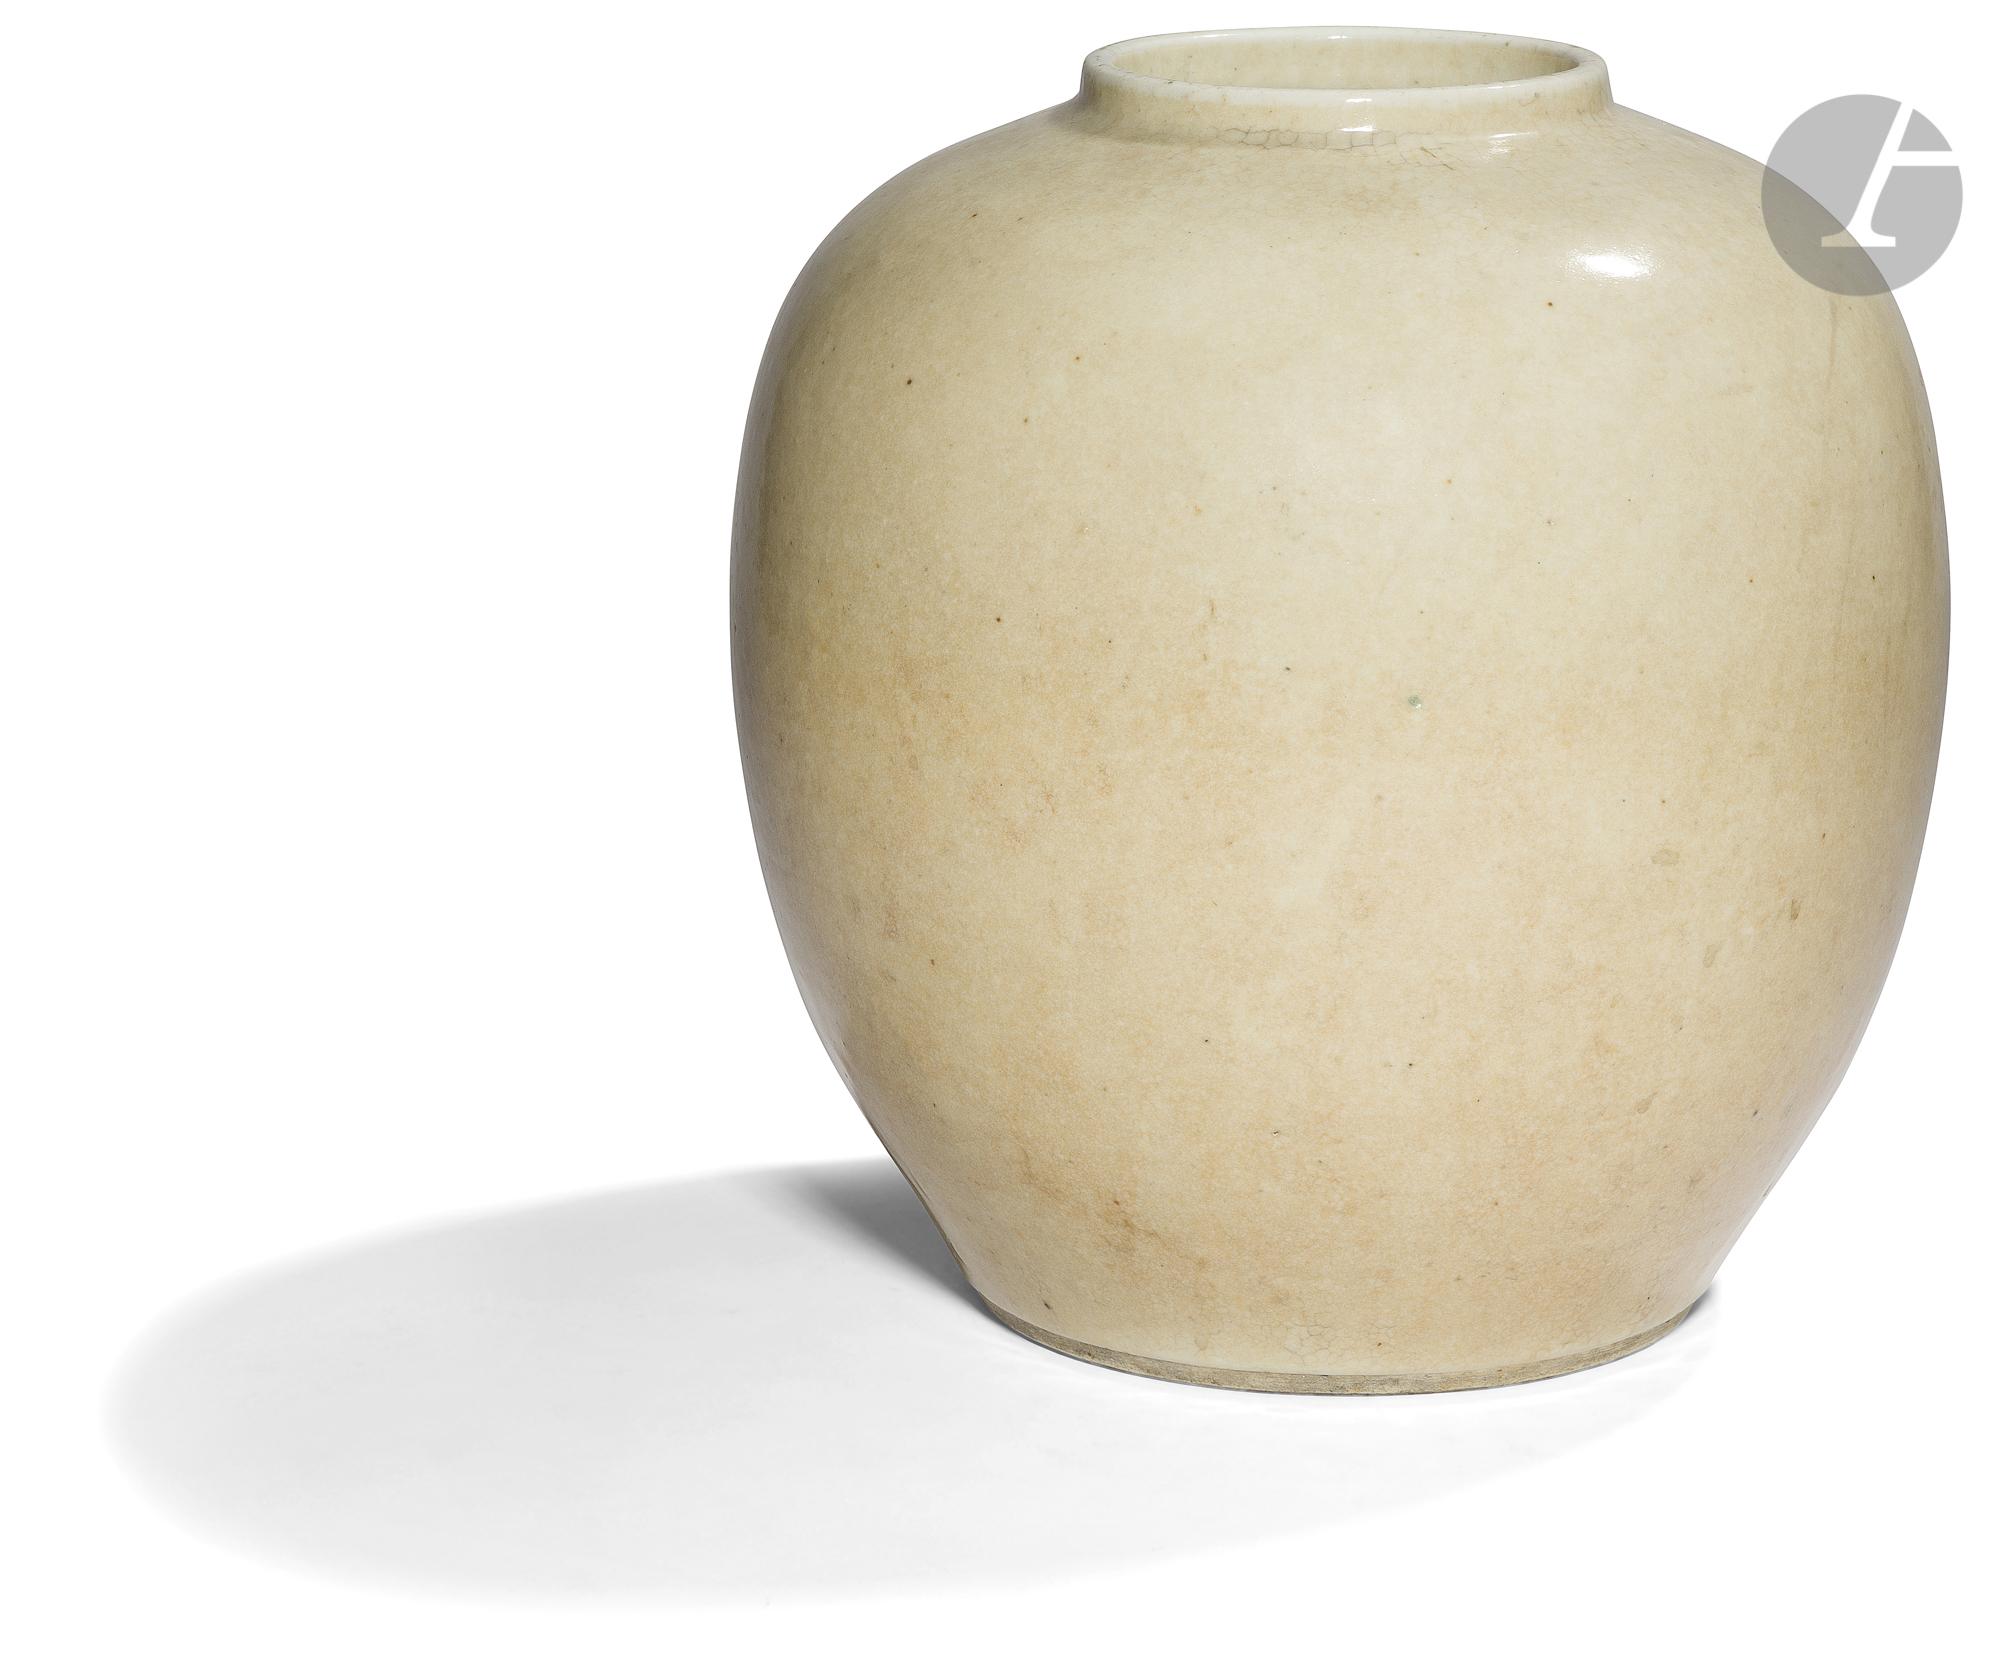 CHINE - XIXe siècle Pot en porcelaine émaillée beige légèrement craquelé. H. 26,5 cm